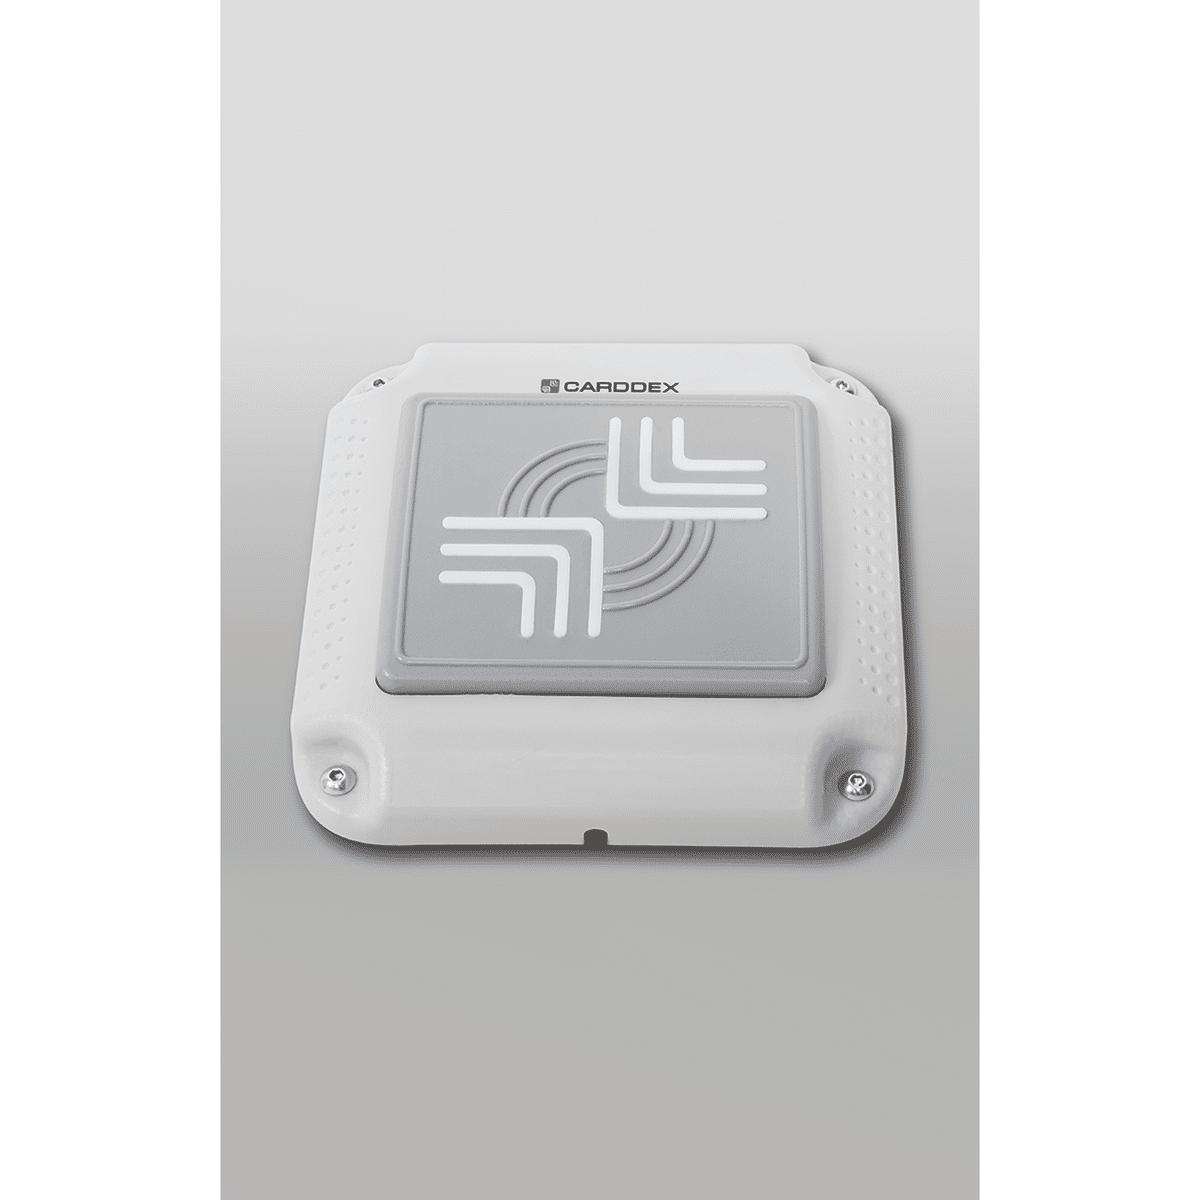 Контроллер управления доступом со встроенным считывателем CARDDEX SCL 02Е